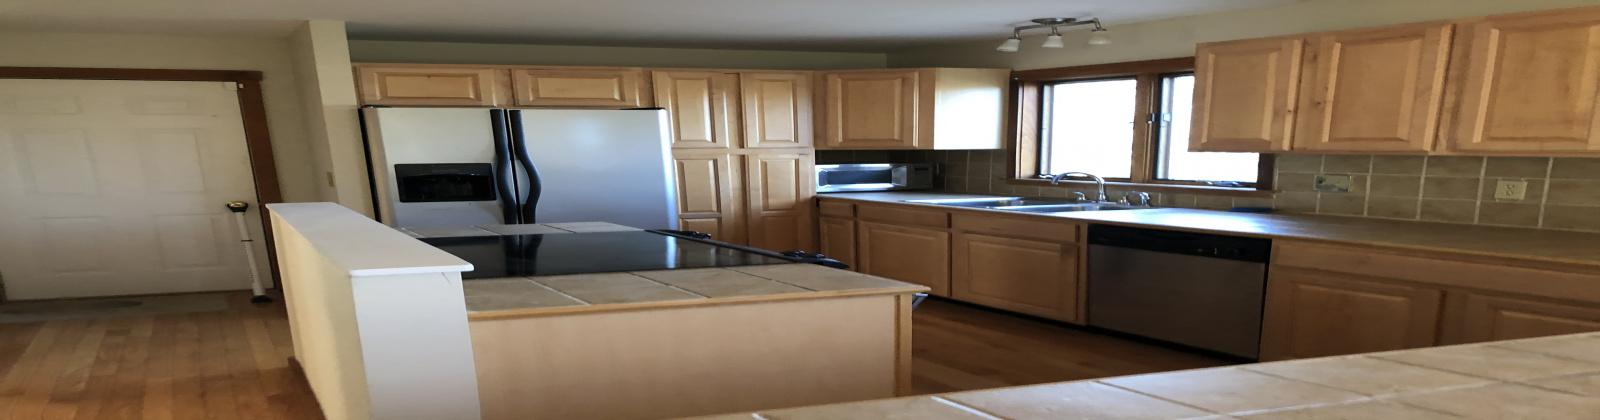 11711 Peach Ridge Road Athens, Ohio, 6 Bedrooms Bedrooms, ,2 BathroomsBathrooms,Apartment,For Rent,Peach Ridge,1119